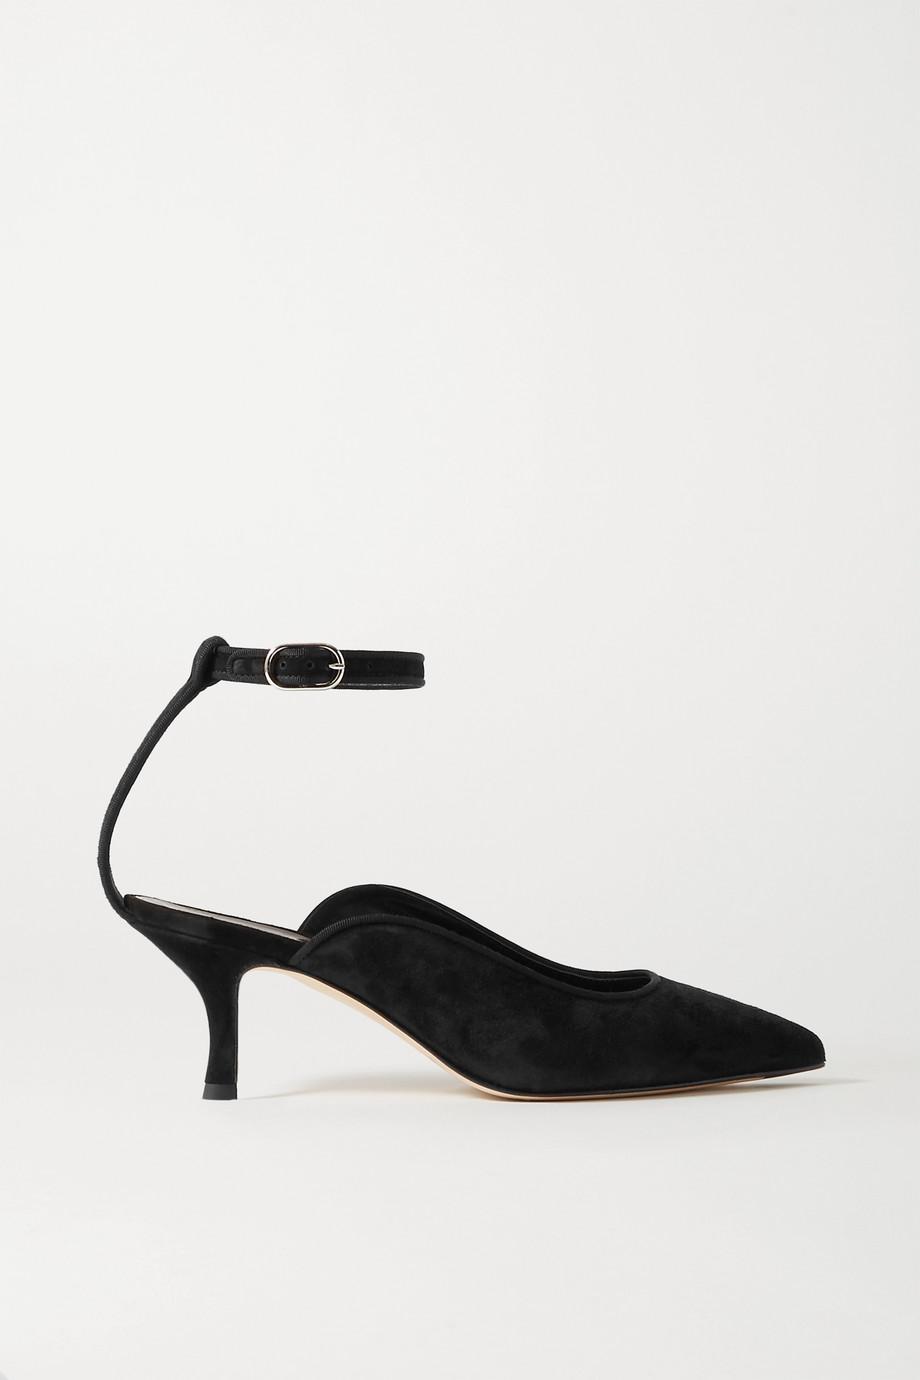 Khaite 绒面革高跟鞋